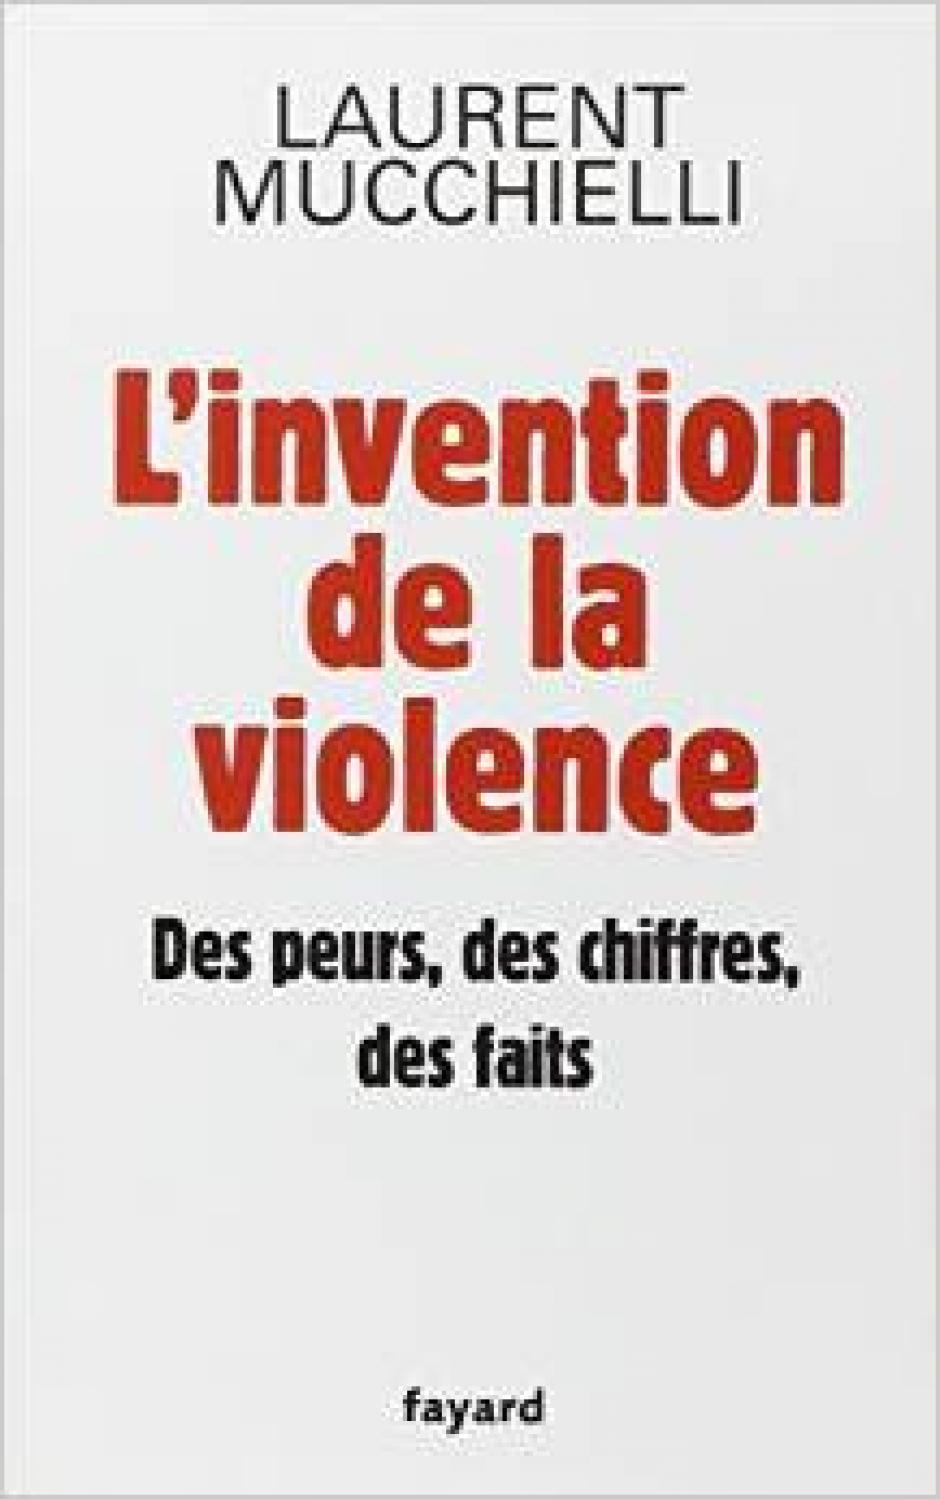 L'invention de la violence  Des peurs, des chiffres, des faits, Laurent Mucchelli